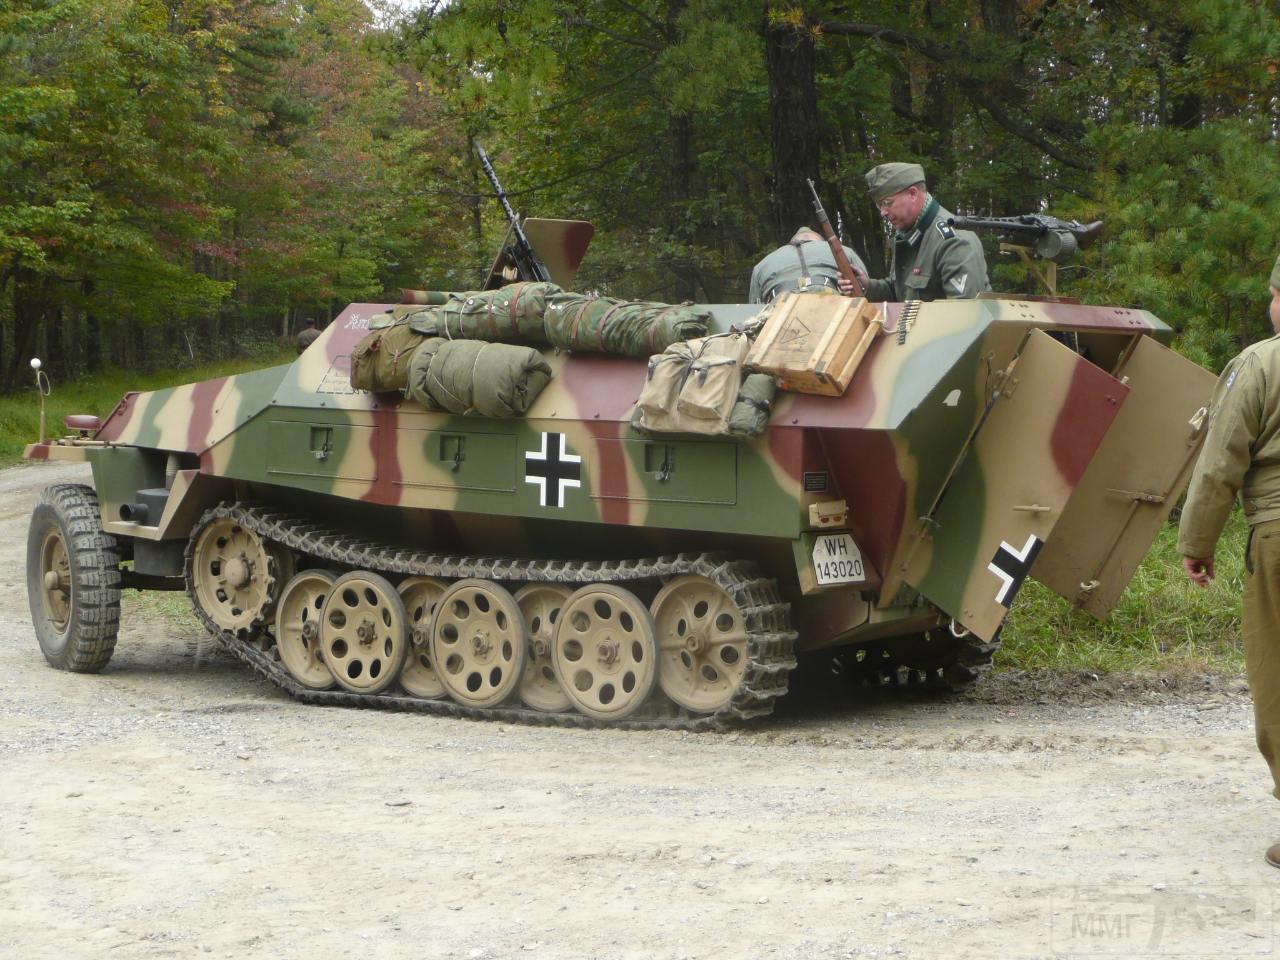 10948 - MG-42 Hitlersäge (Пила Гитлера) - история, послевоенные модификации, клейма...